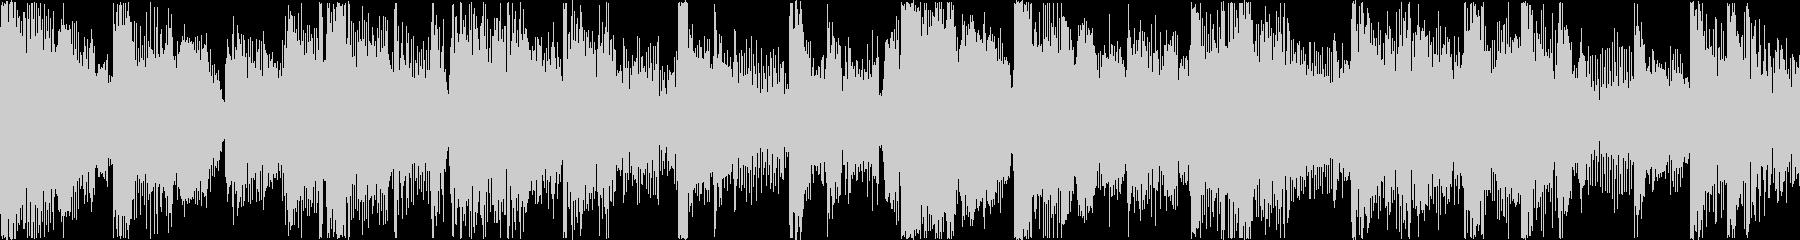 ジャズ/ファンク/フュージョン。官...の未再生の波形